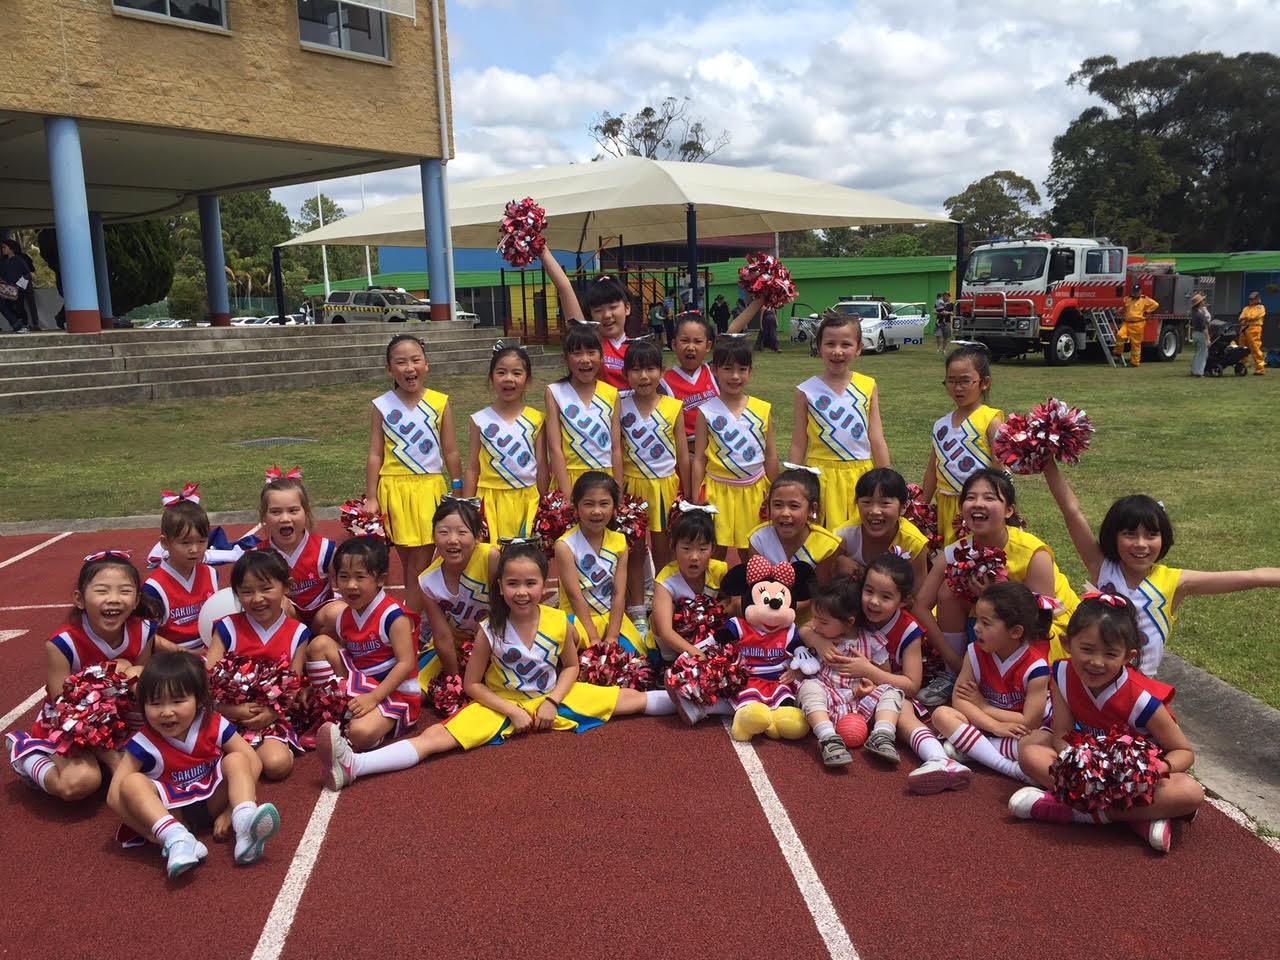 """子どもたちの元気いっぱいの声が響き渡る!Sydney North Kids Cheerleading Team""""さくらきっず""""へインタビュー!"""